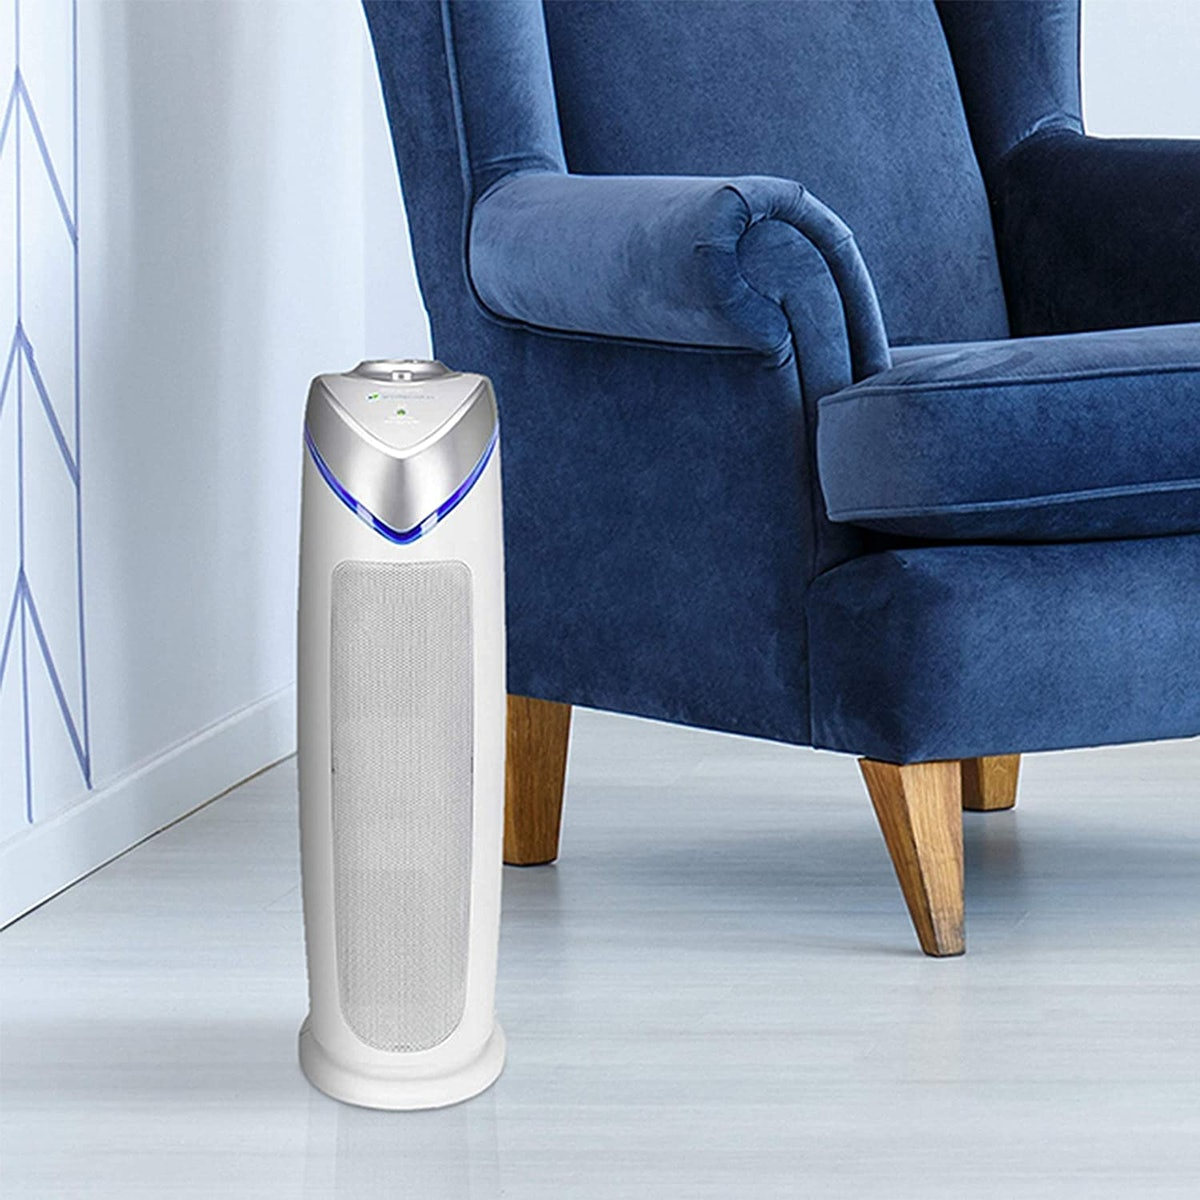 Germ Guardian True HEPA Filter Air Purifier With UV Light